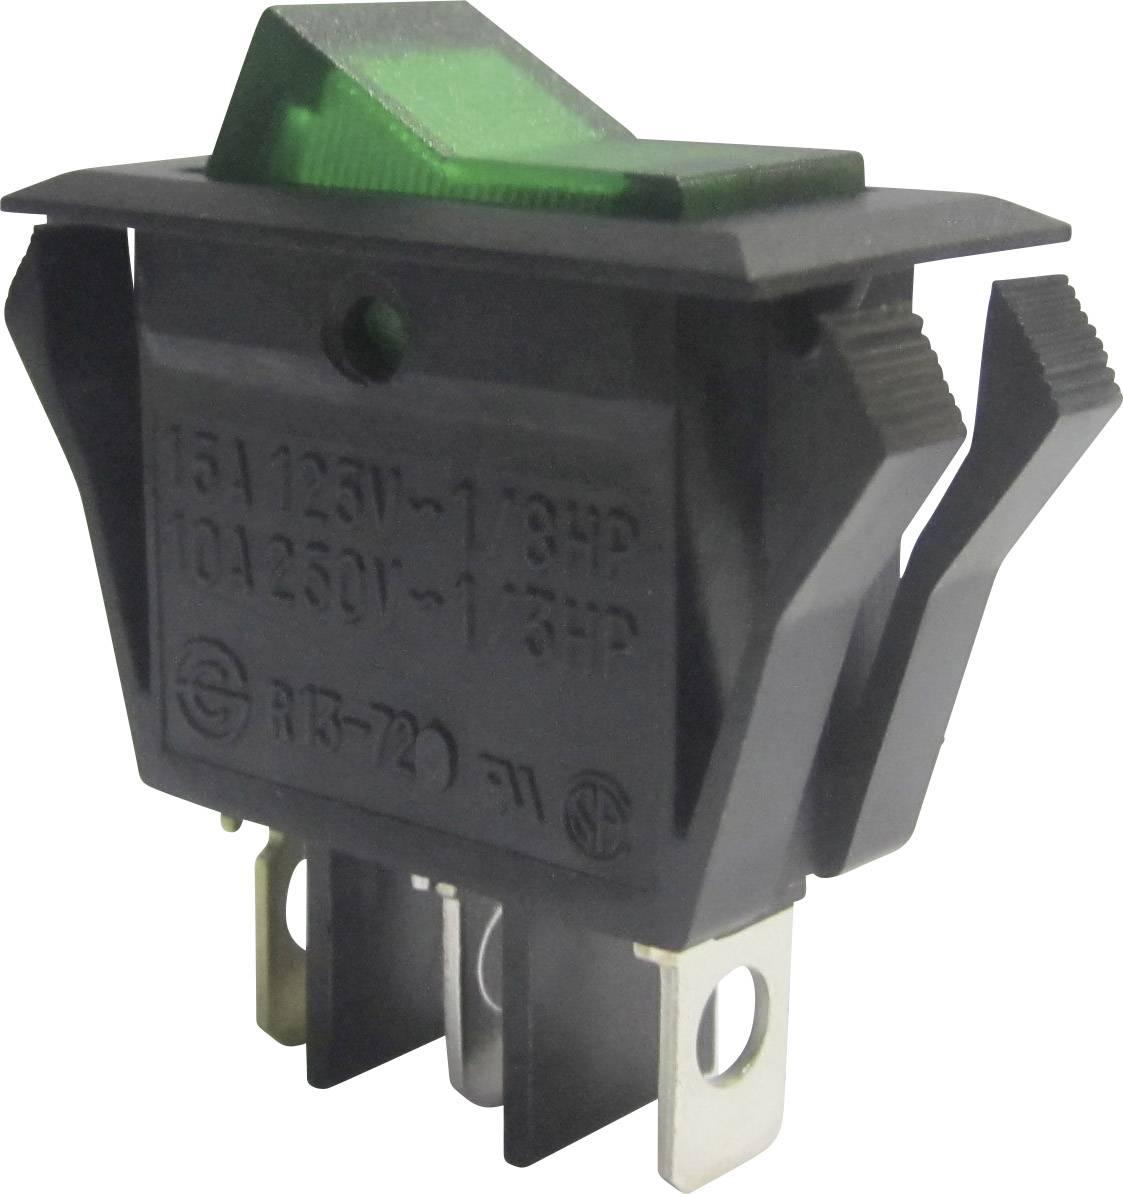 Kolískový spínač SCI R13-72B-01 s aretáciou 250 V/AC, 10 A, 1x vyp/zap, čierna, zelená, 1 ks